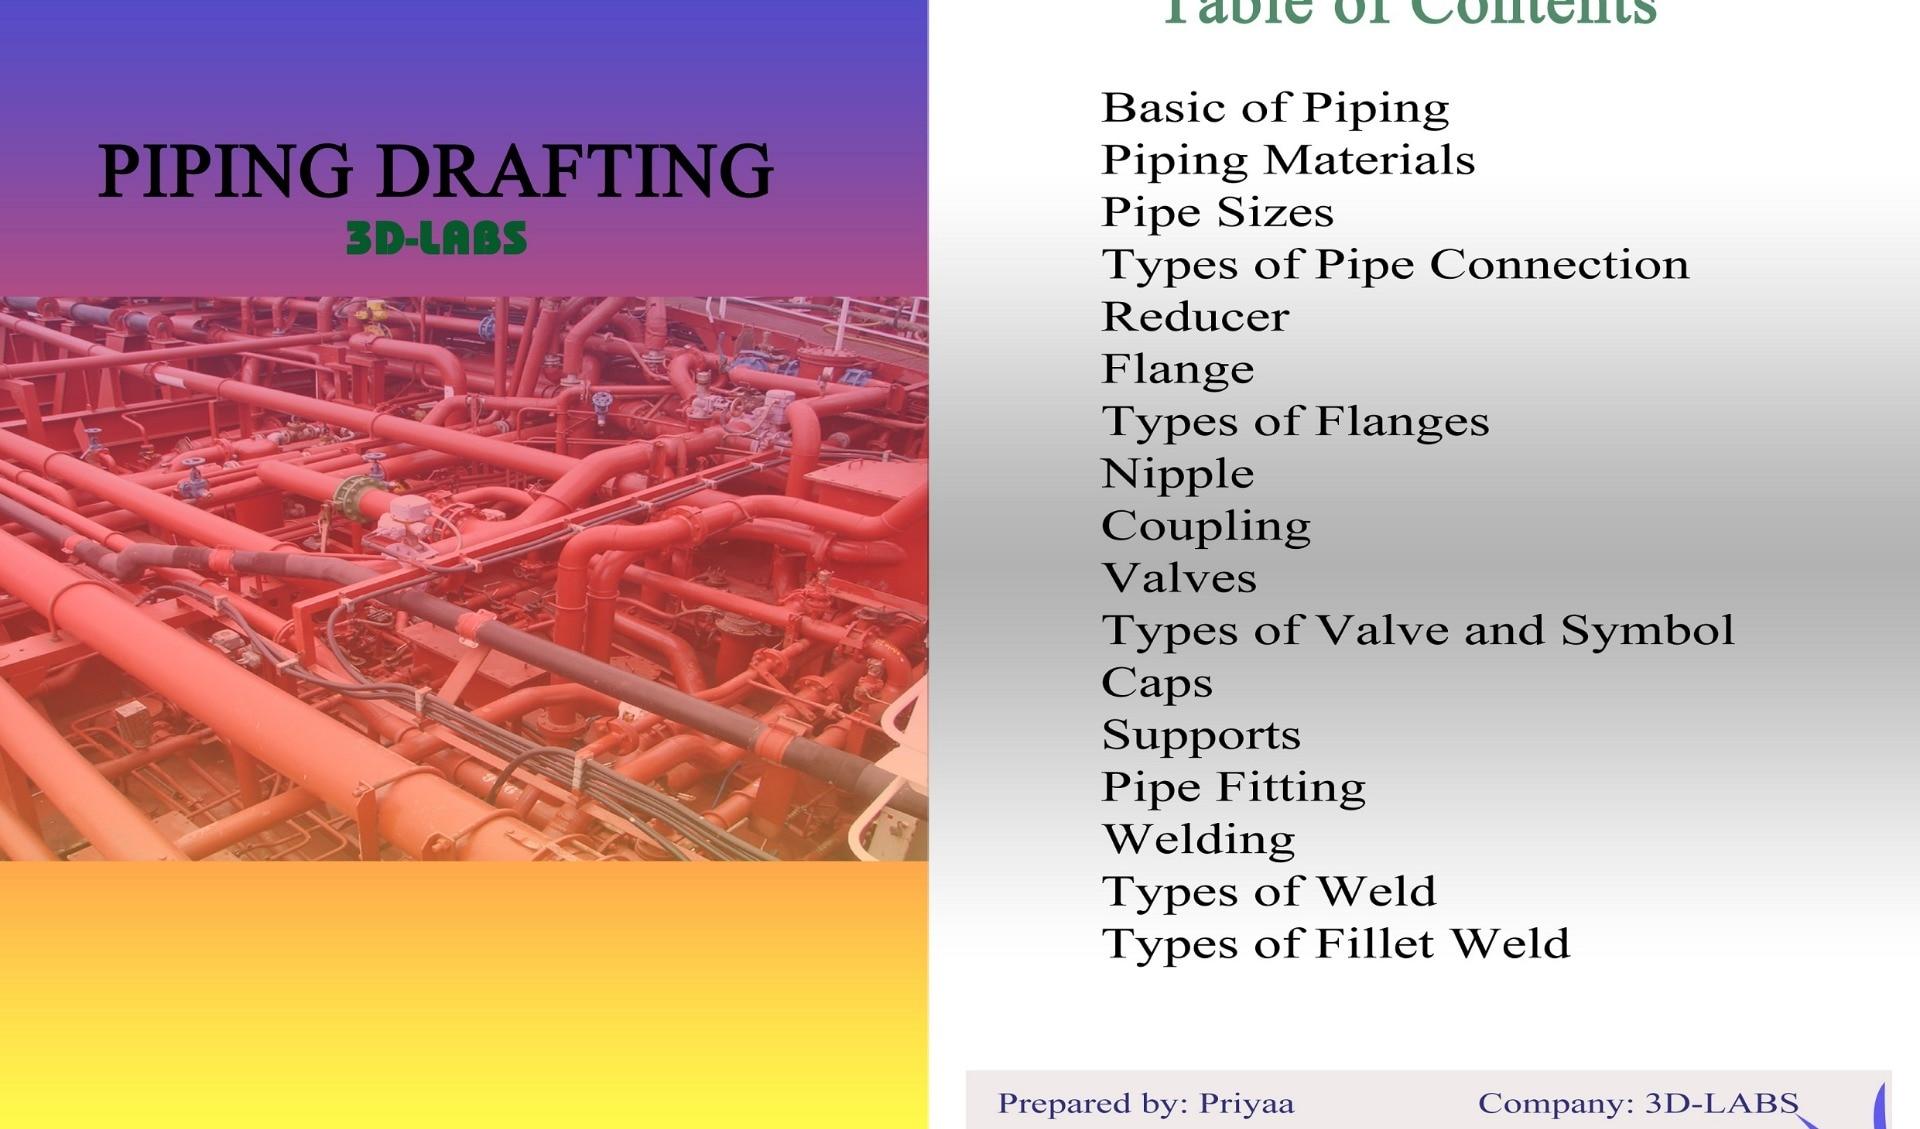 Piping basic drafting